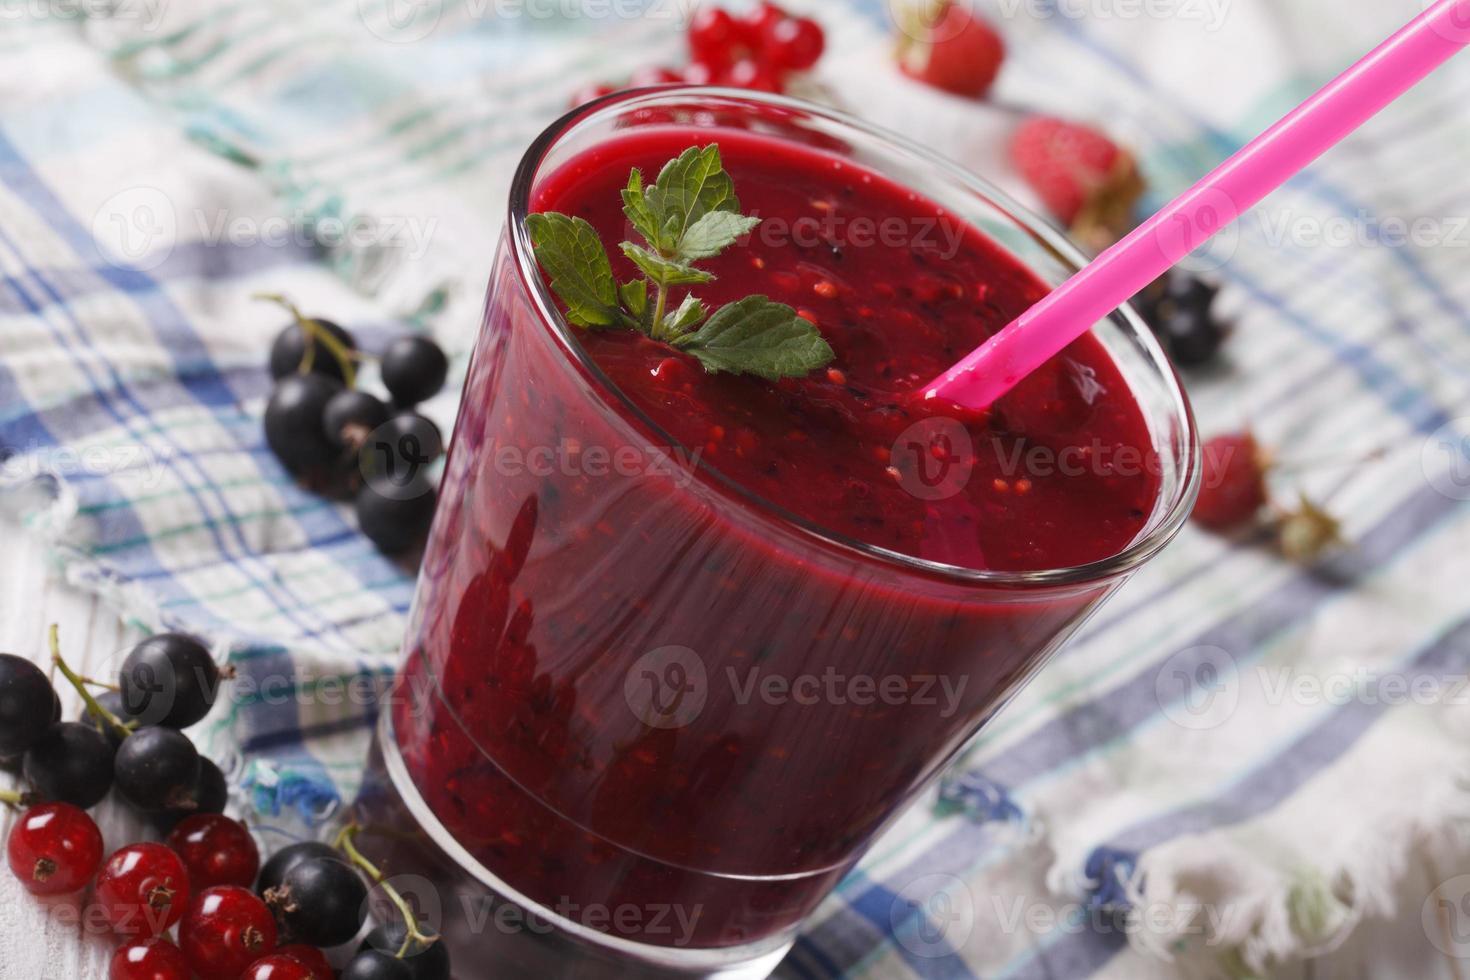 deliziosi frullati con frutti di bosco freschi in un primo piano di vetro. hori foto